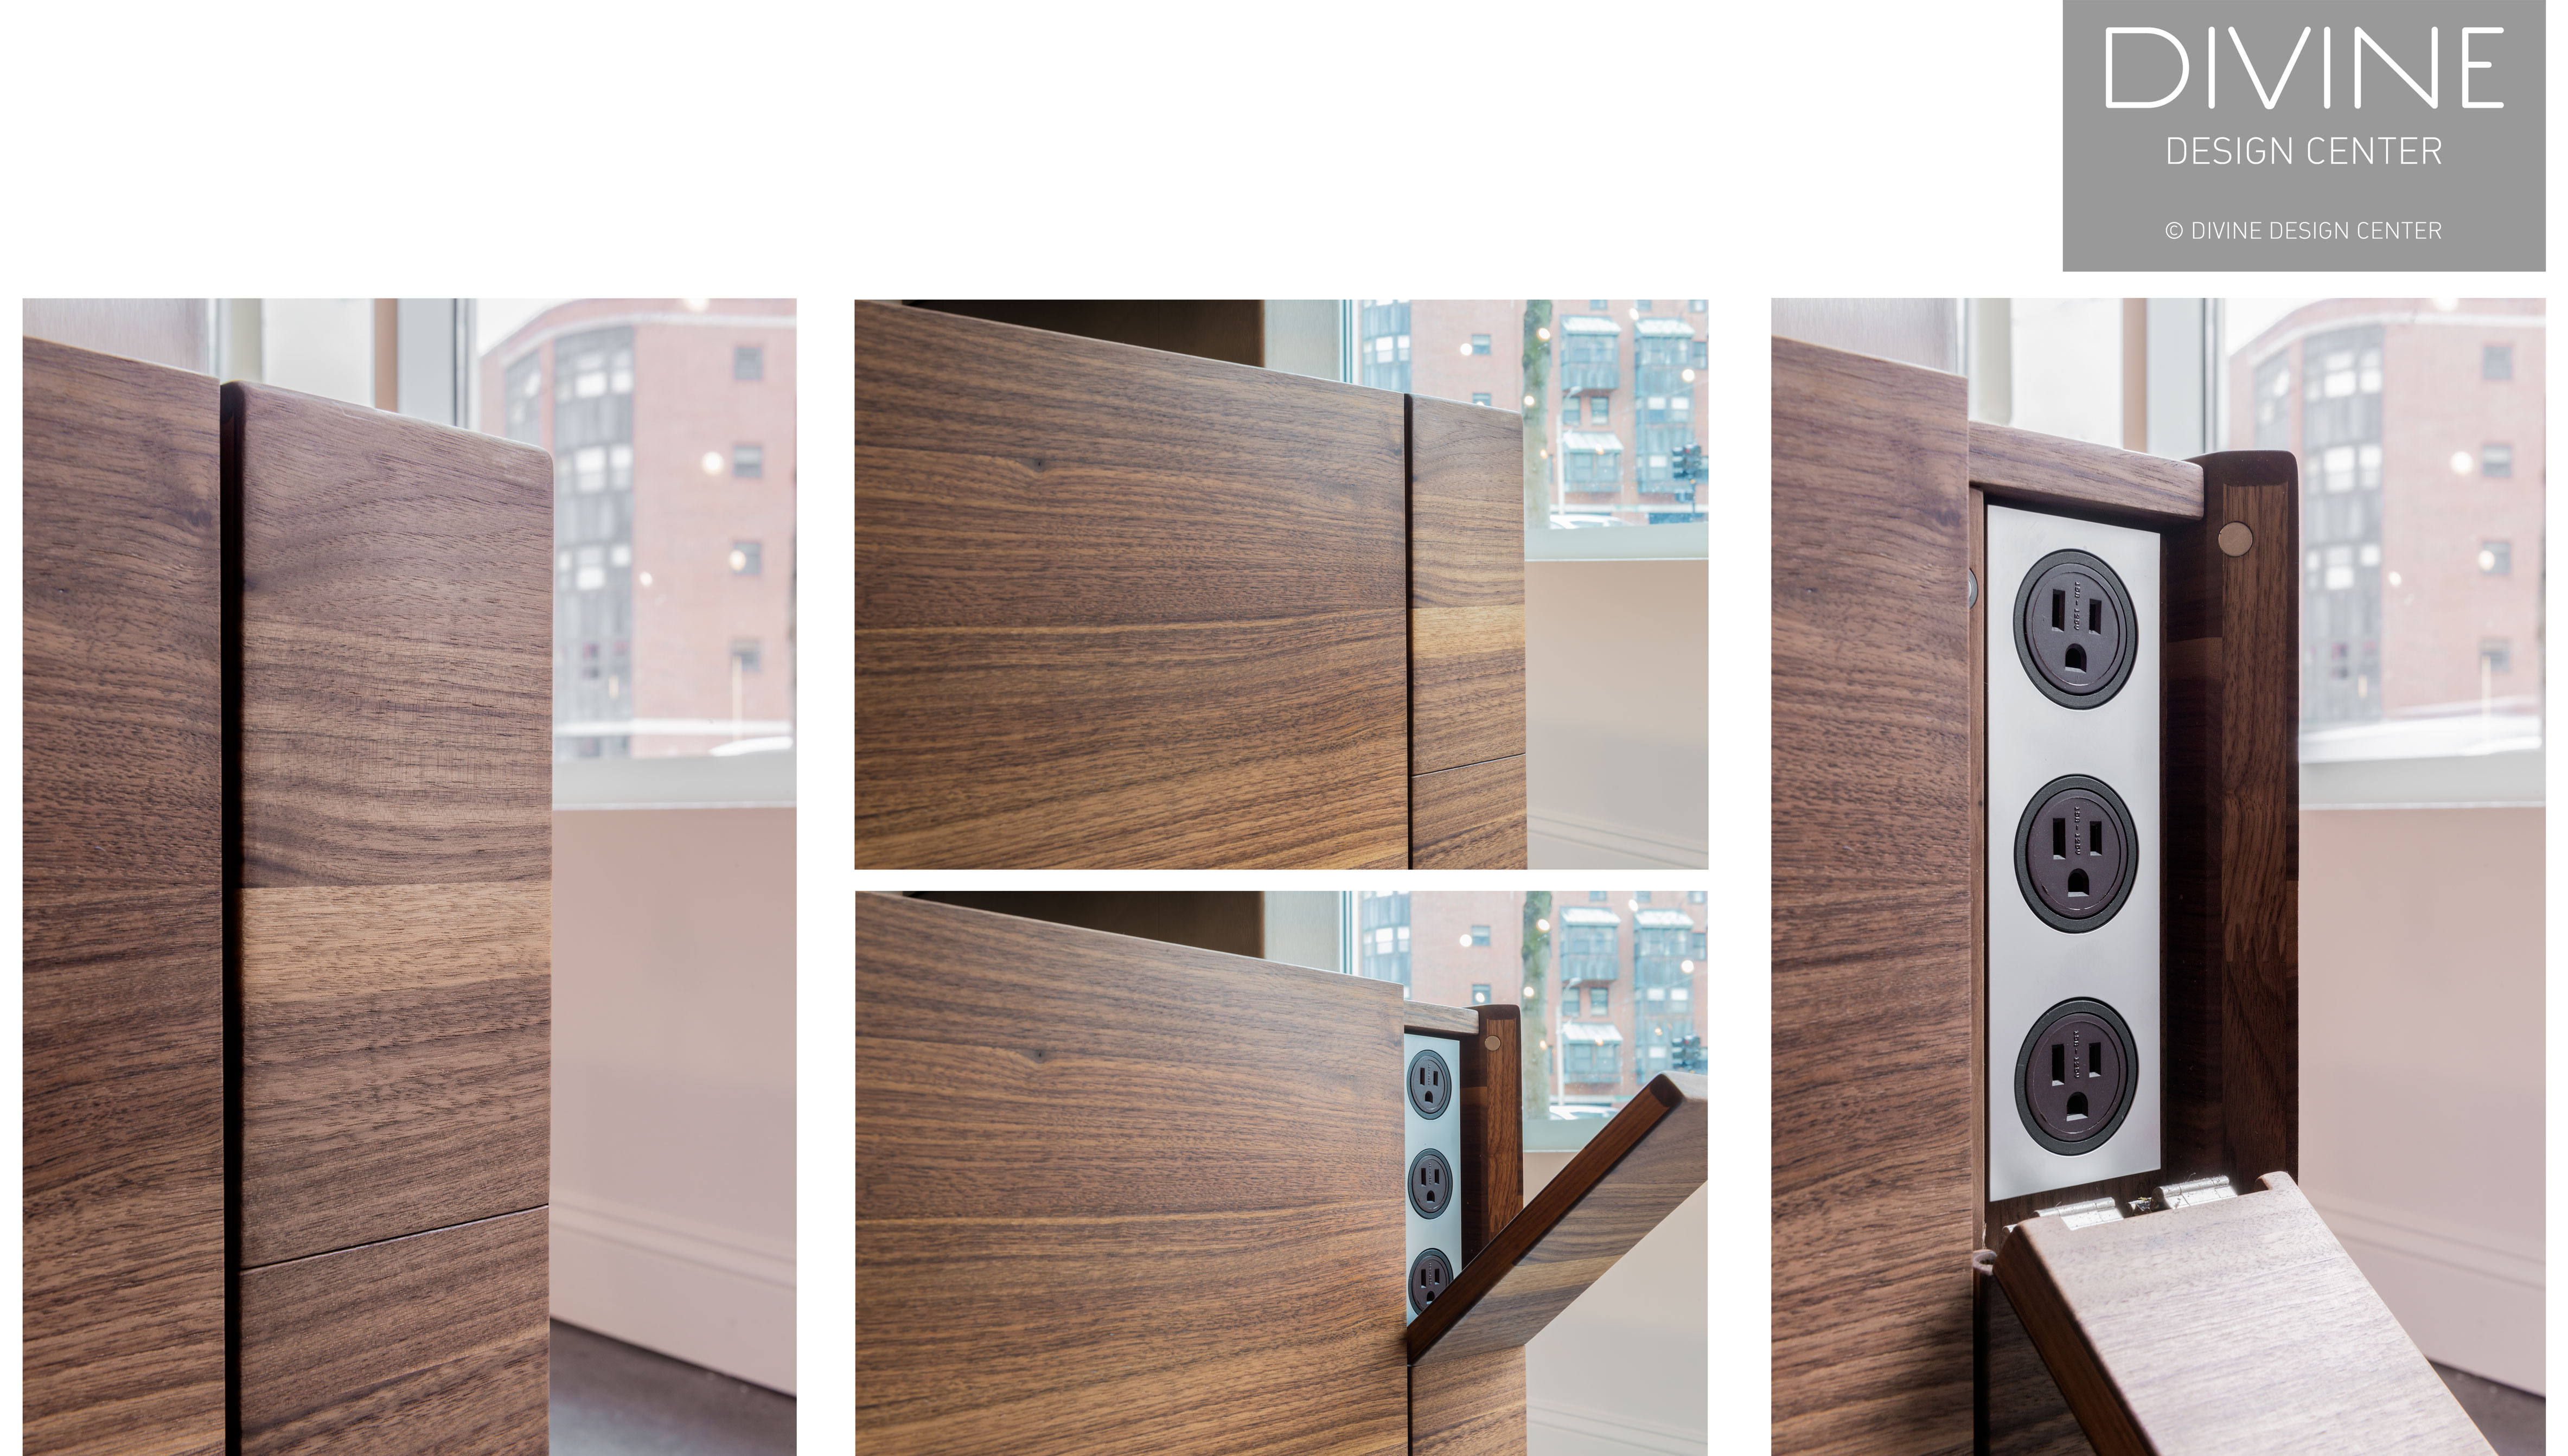 divine design center, boston, massachusetts, team7, team7 special outlets, outlets, modern outlets, modern kitchen, kitchens, dark wood cabinets, dark wood, modern, design, kitchen design